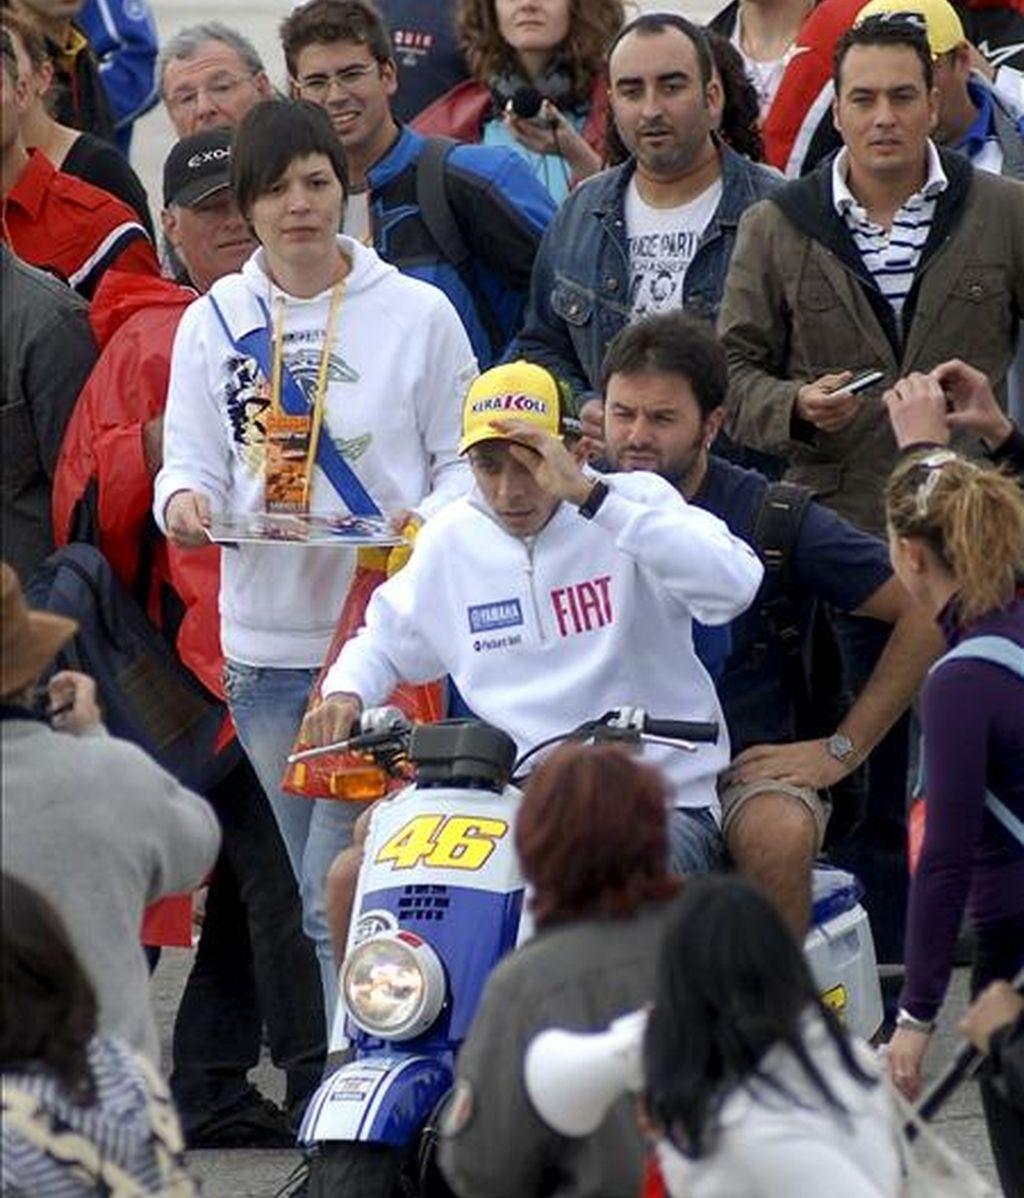 El piloto italiano Valentino Rossi (c), actual campeón del mundo de Moto GP, pasea rodeado de aficionados hoy durante el último día de entrenamientos IRTA en Jerez. EFE